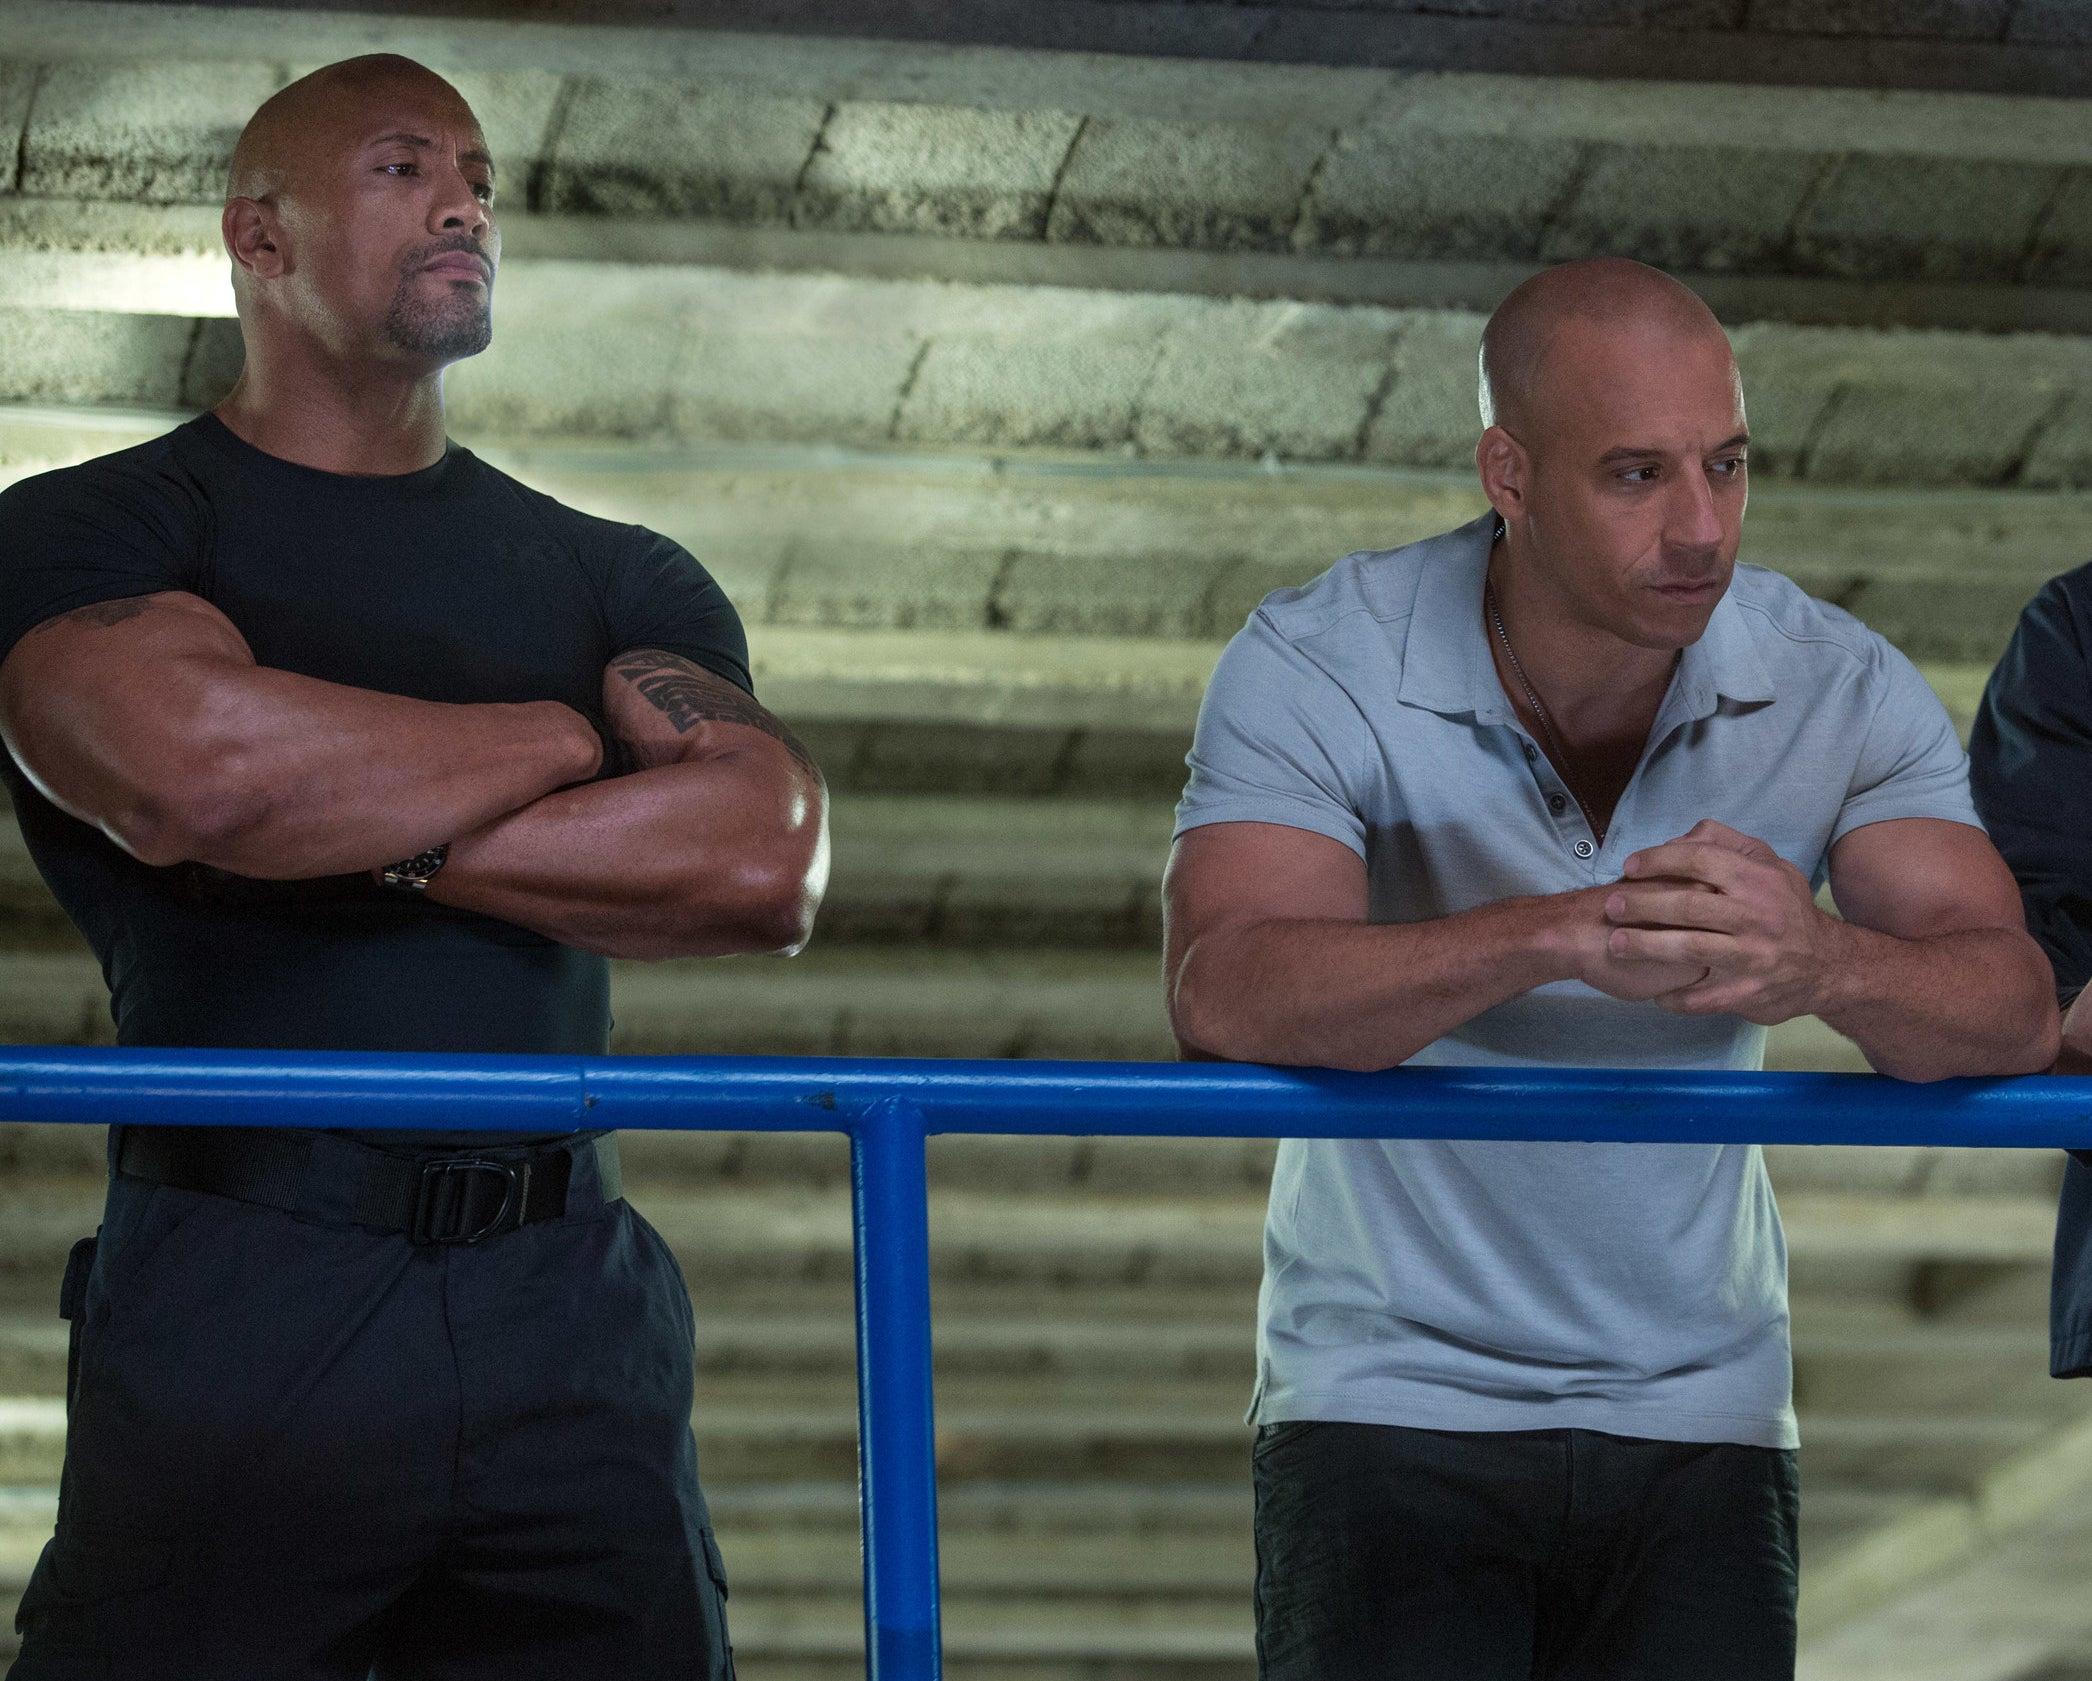 Vin and Dwayne pose together.